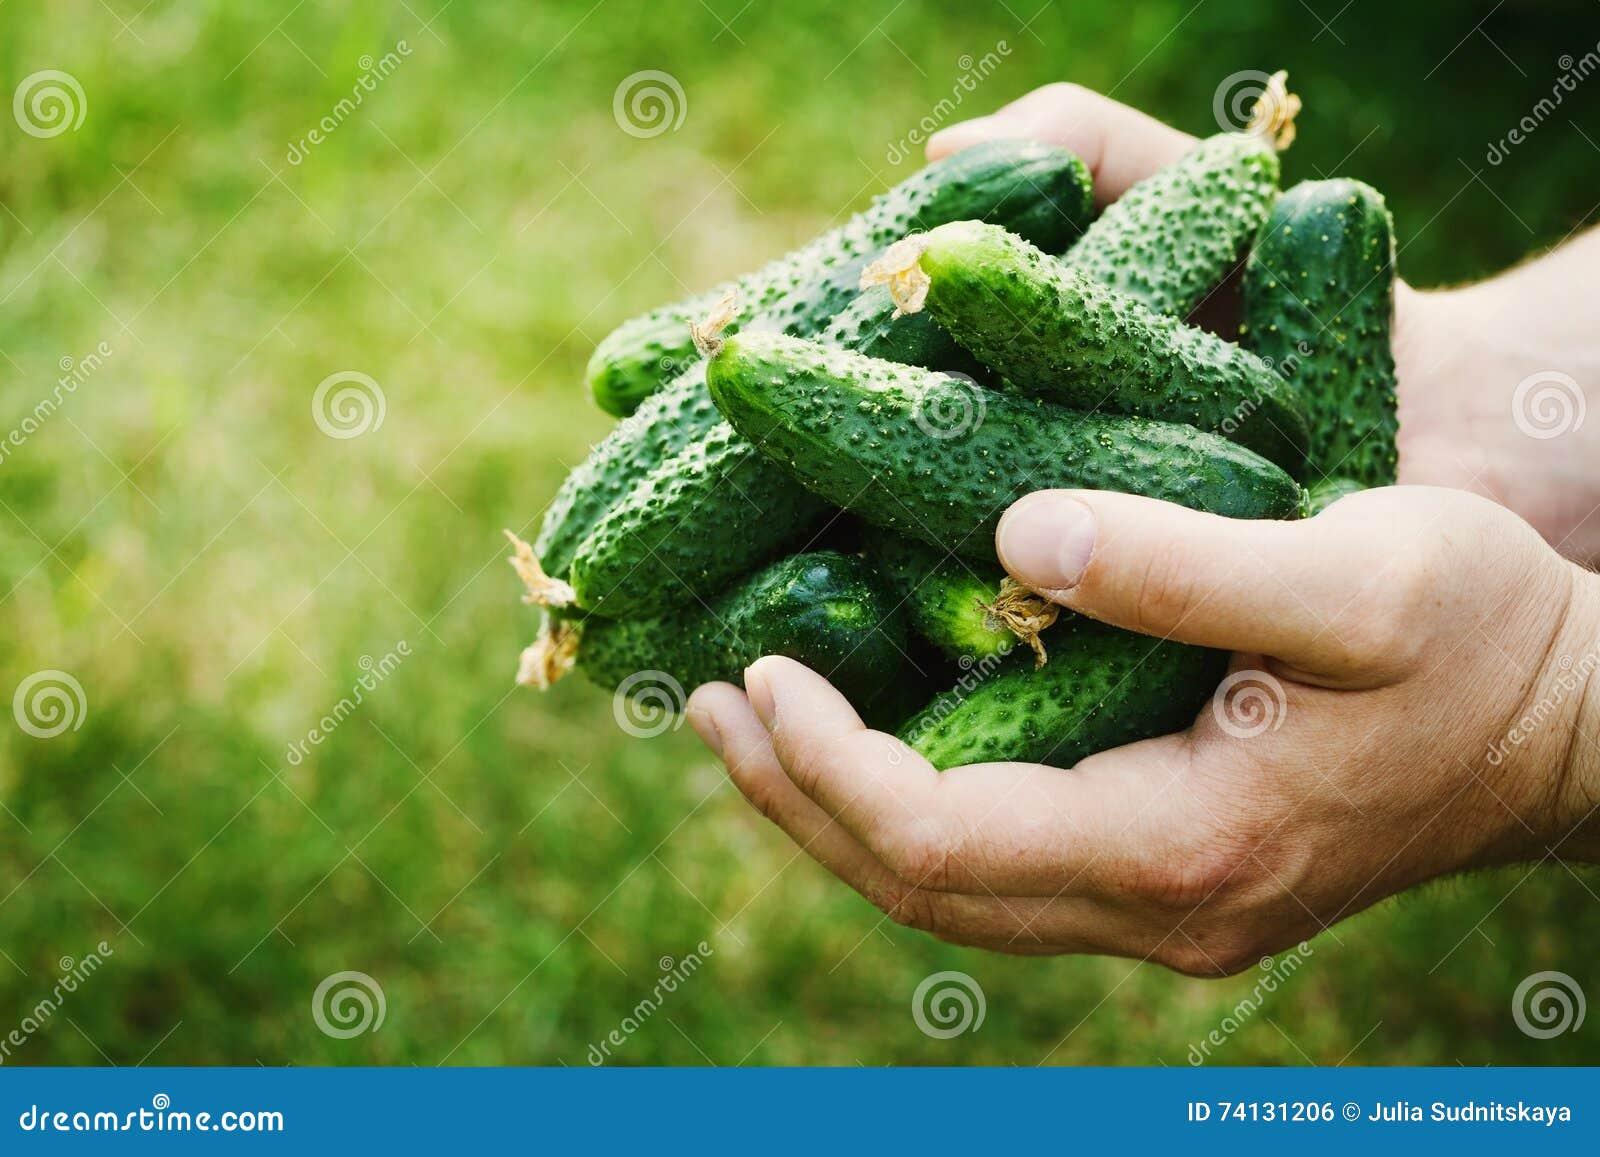 Granjero que lleva a cabo en manos la cosecha de pepinos verdes en el jardín Verduras naturales y orgánicas farming